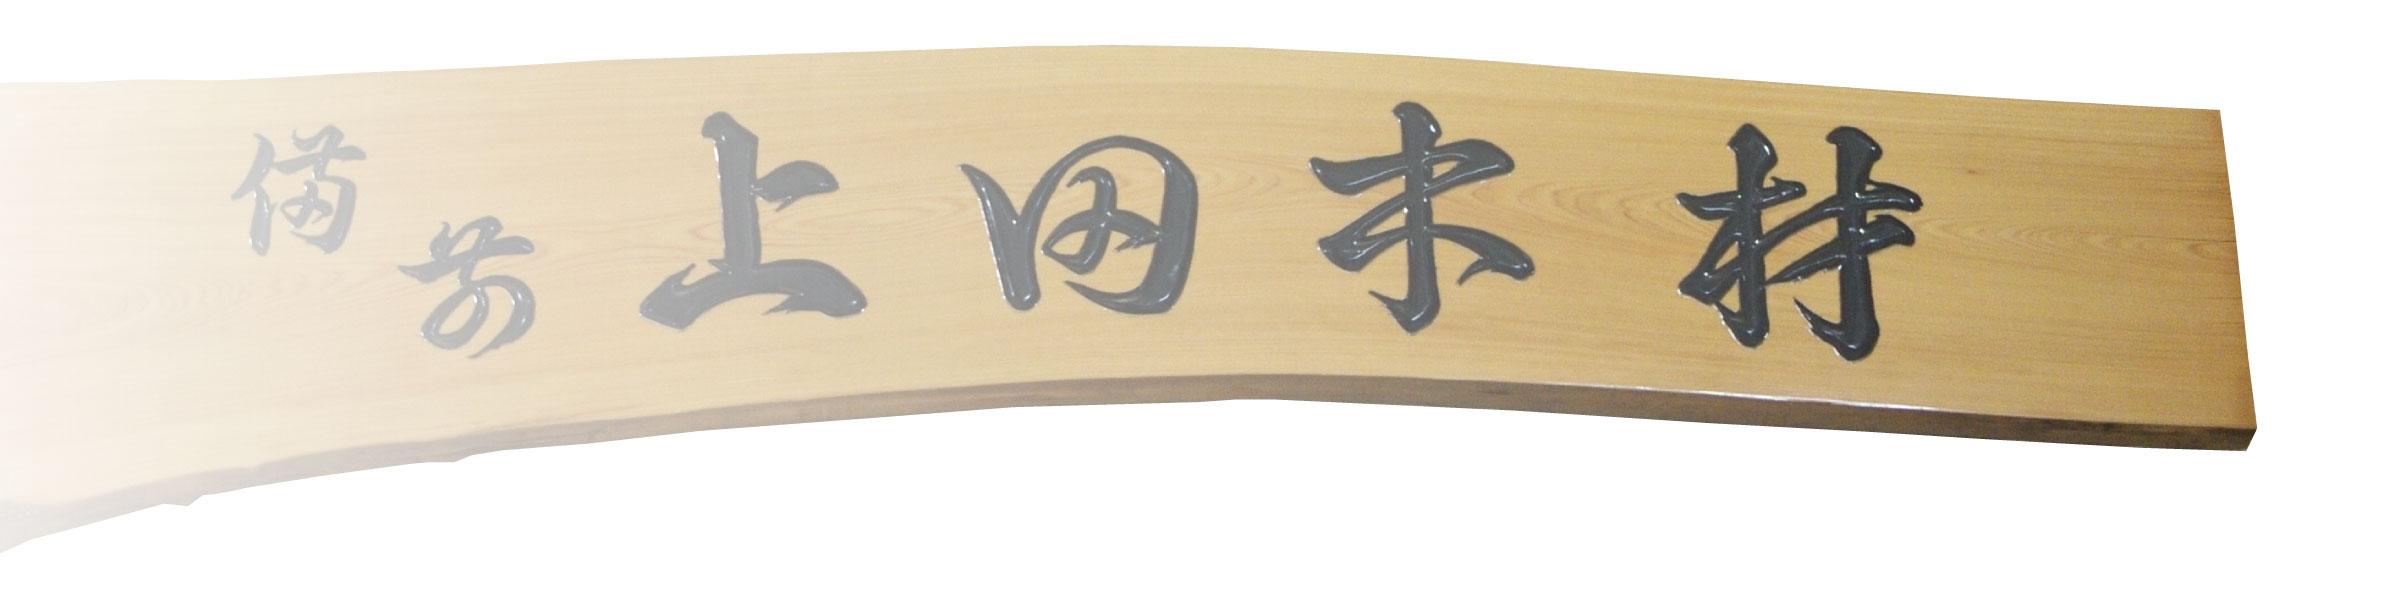 上田木材 看板